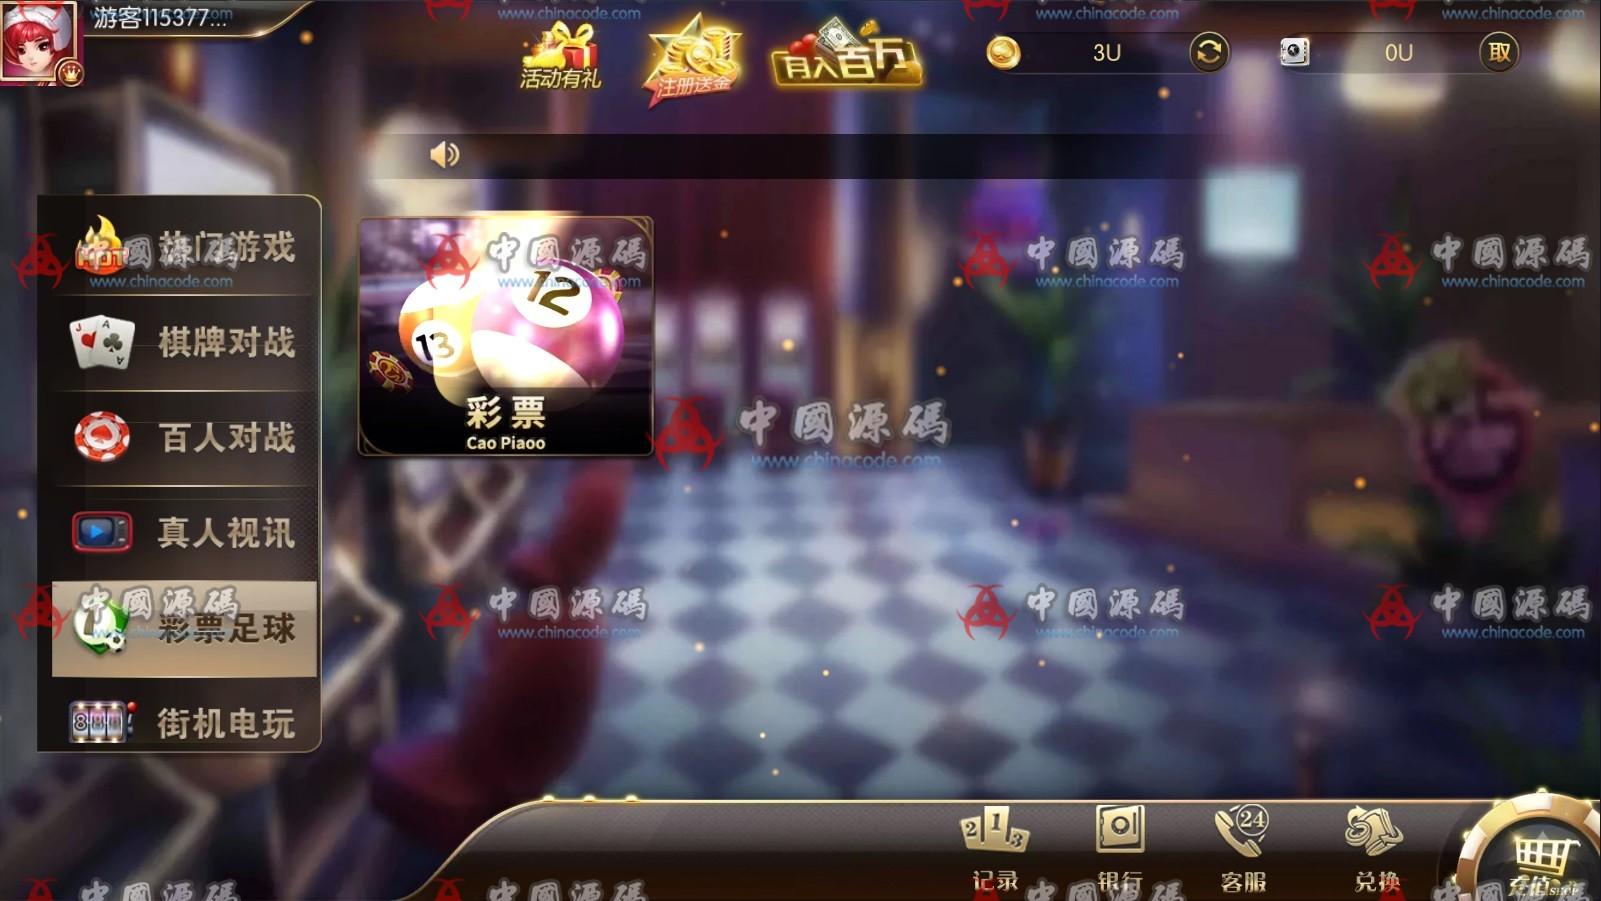 【置顶】《喜来乐》电玩QP全套源码 棋牌-第6张